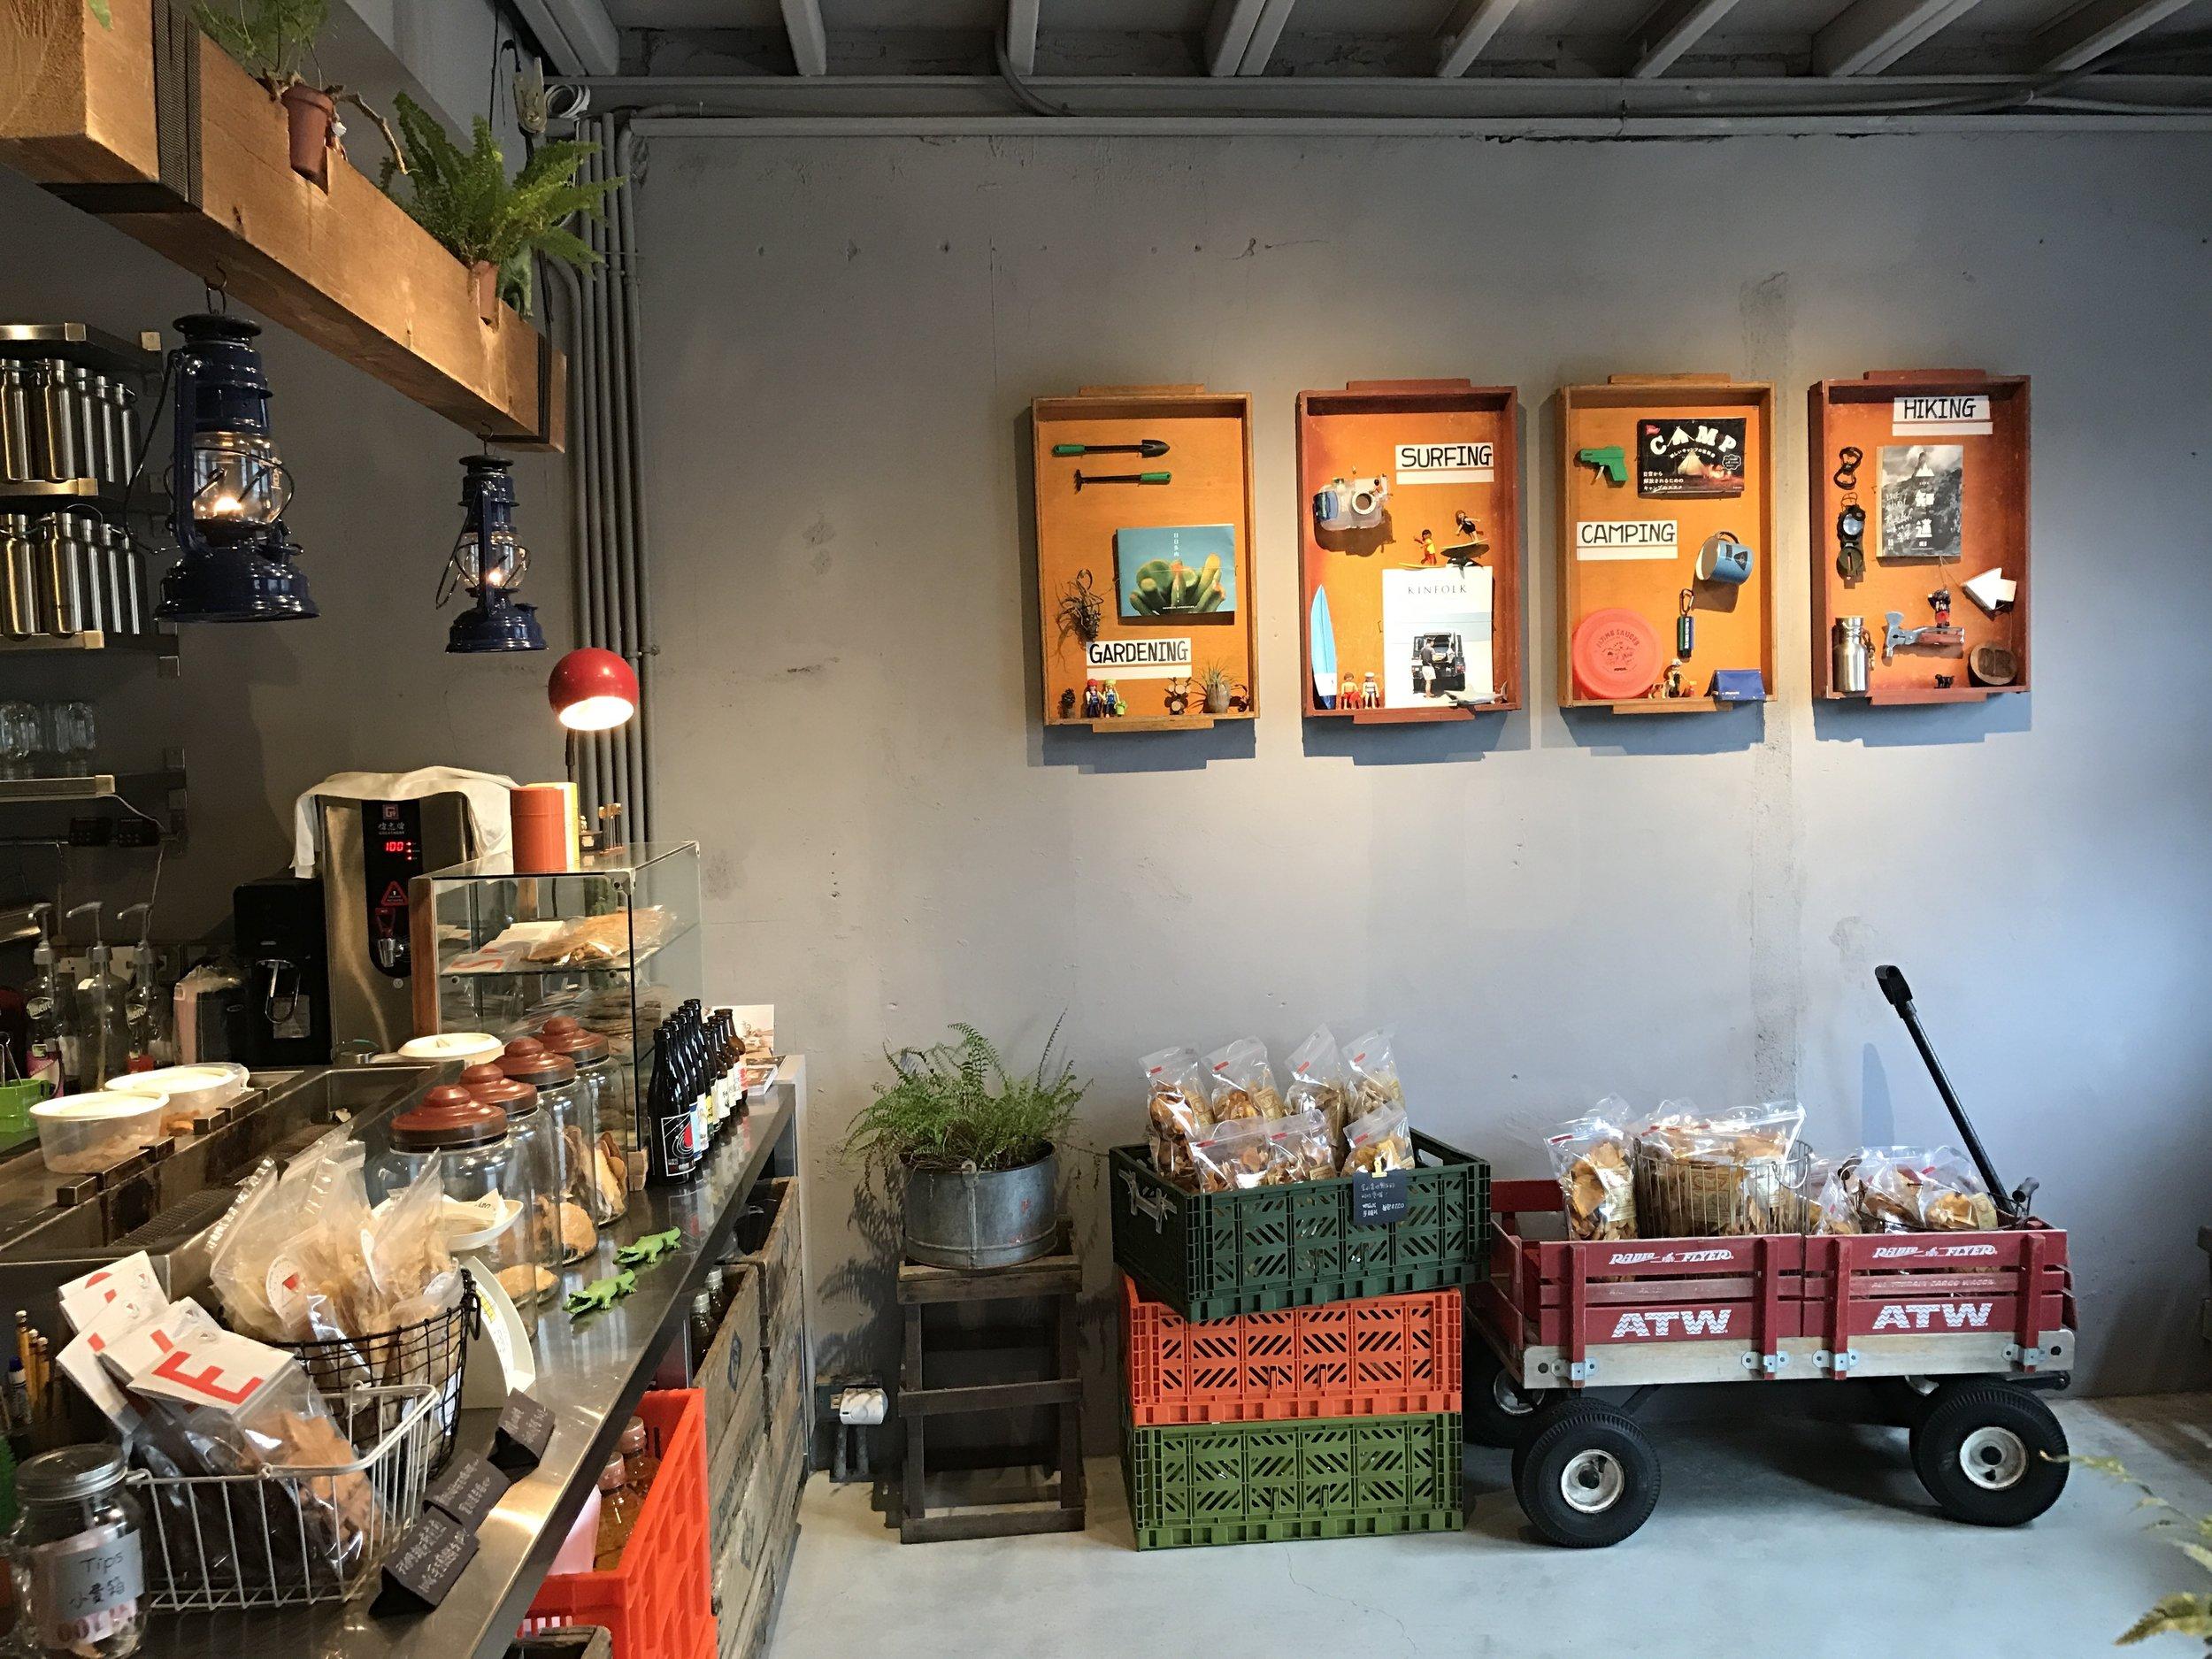 (After >>牆上掛的是我們愛的四種生活風格,那個木框其實是傳統麵包店的木製托盤)